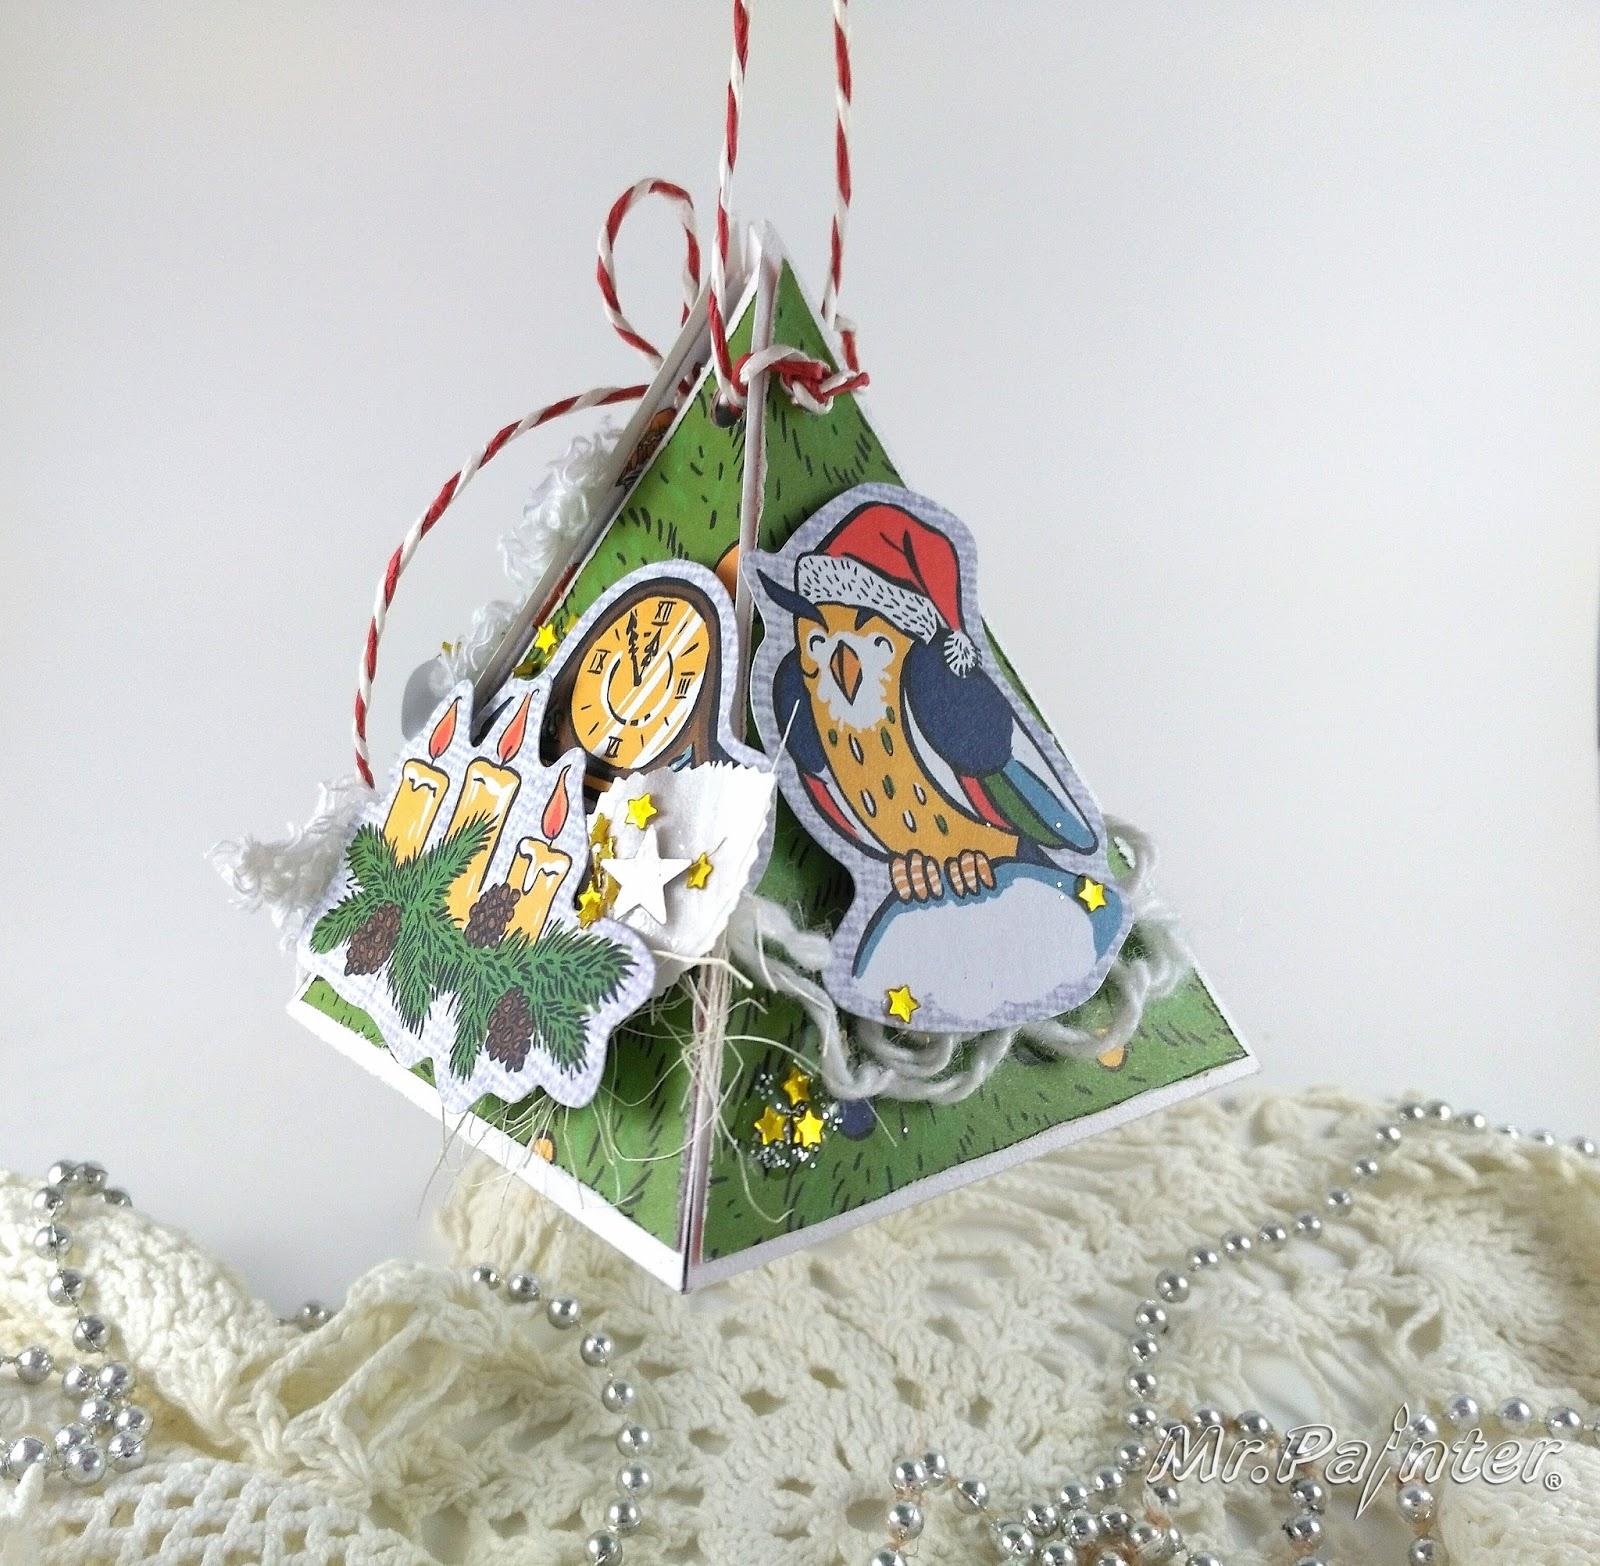 лучший поздравление для подарка подвеска подлеске соснах пели